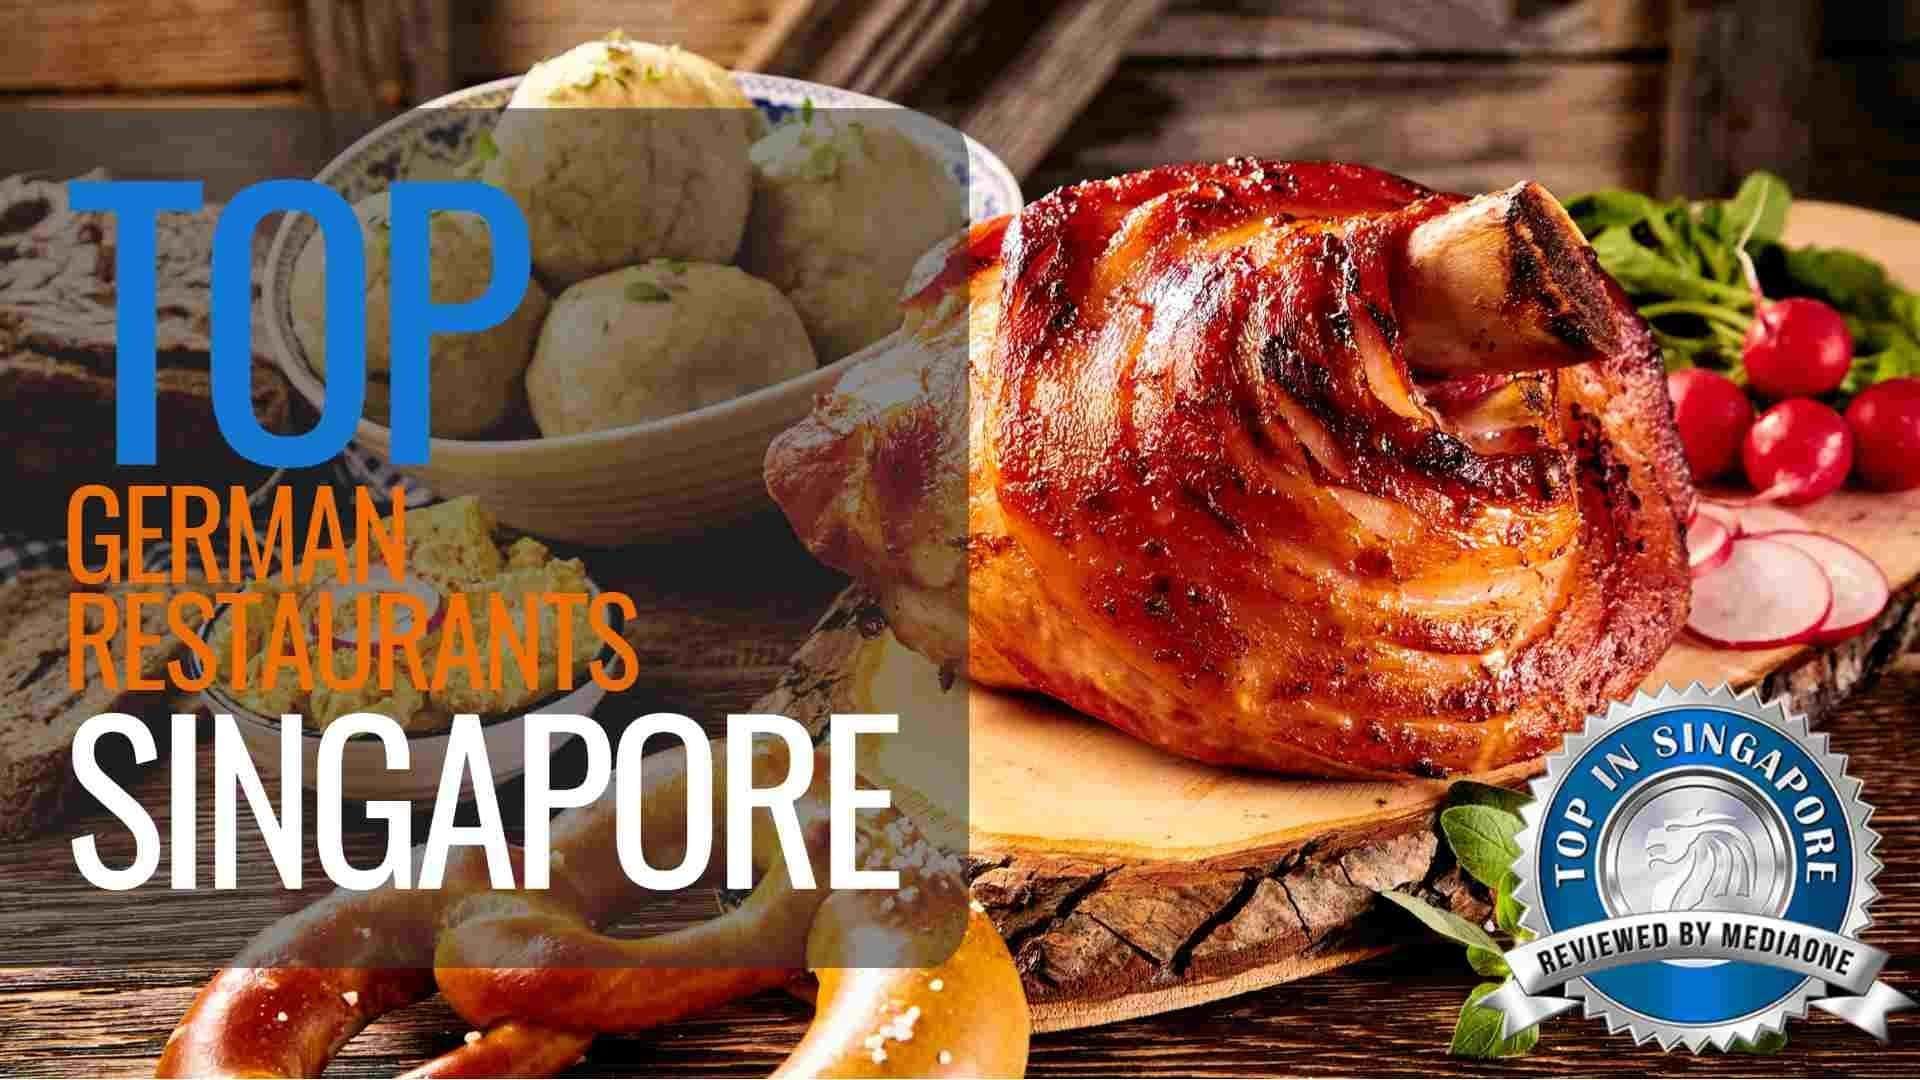 Top German Restaurants in Singapore